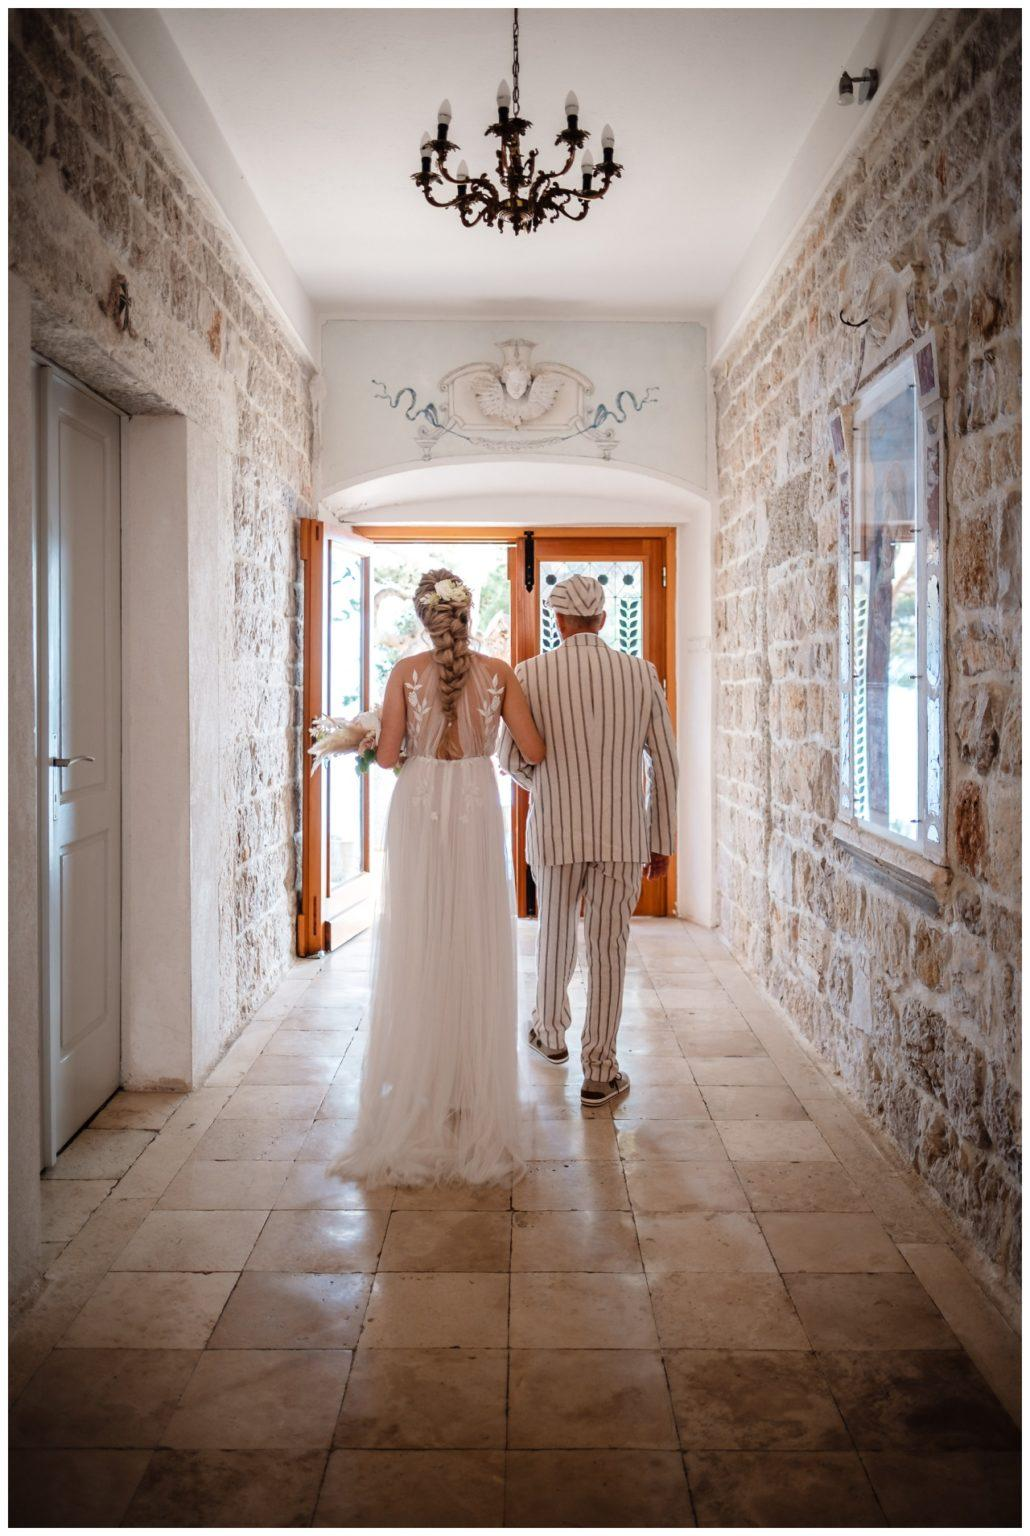 hochzeit brac inse boho heiraten kroatien hochzeitsplaner 25 - Glam Boho Hochzeit auf der Insel Brač